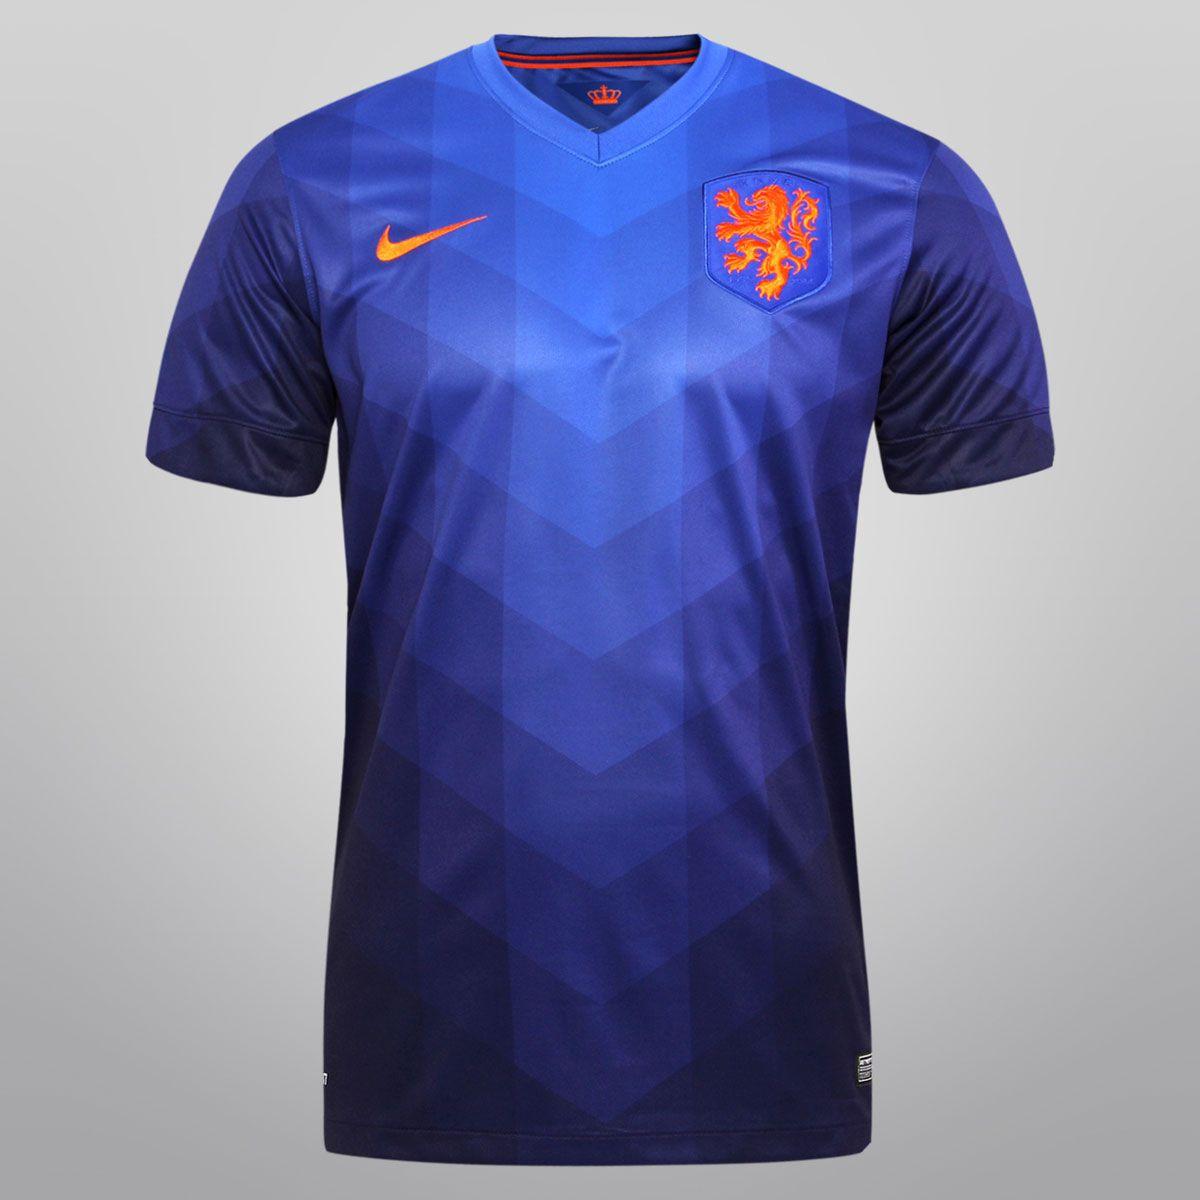 db24a25336 Netshoes - Camisa Nike Seleção Holanda Away 2014 s nº - Torcedor Camisa Nike